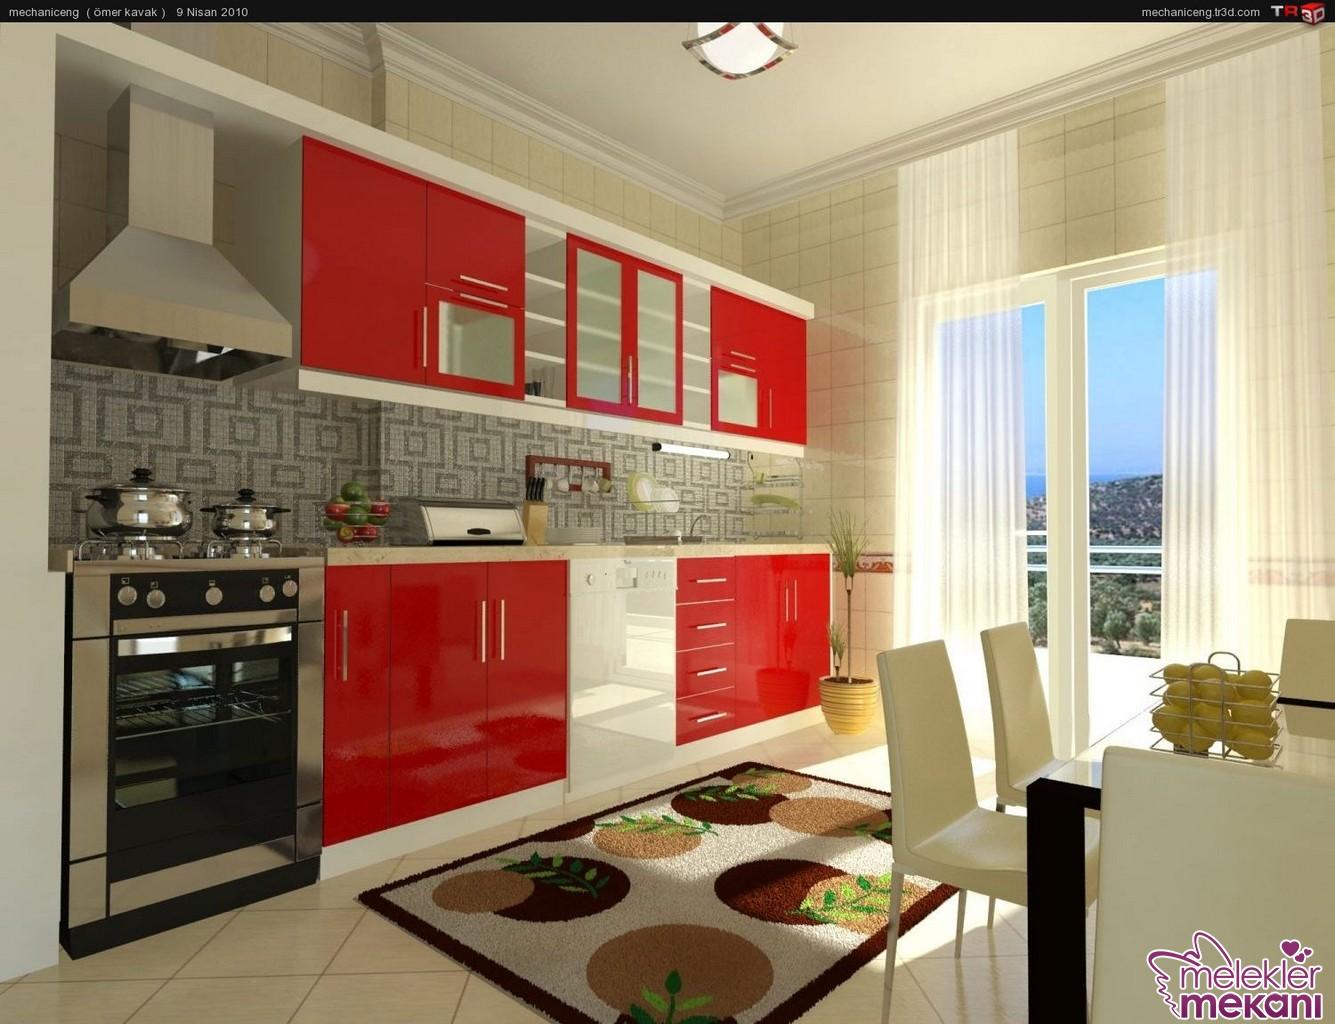 Mutfak dekorasyonunda kırmızı beyaz renklerden faydalanarak canlı görünümler yakalanabilir.